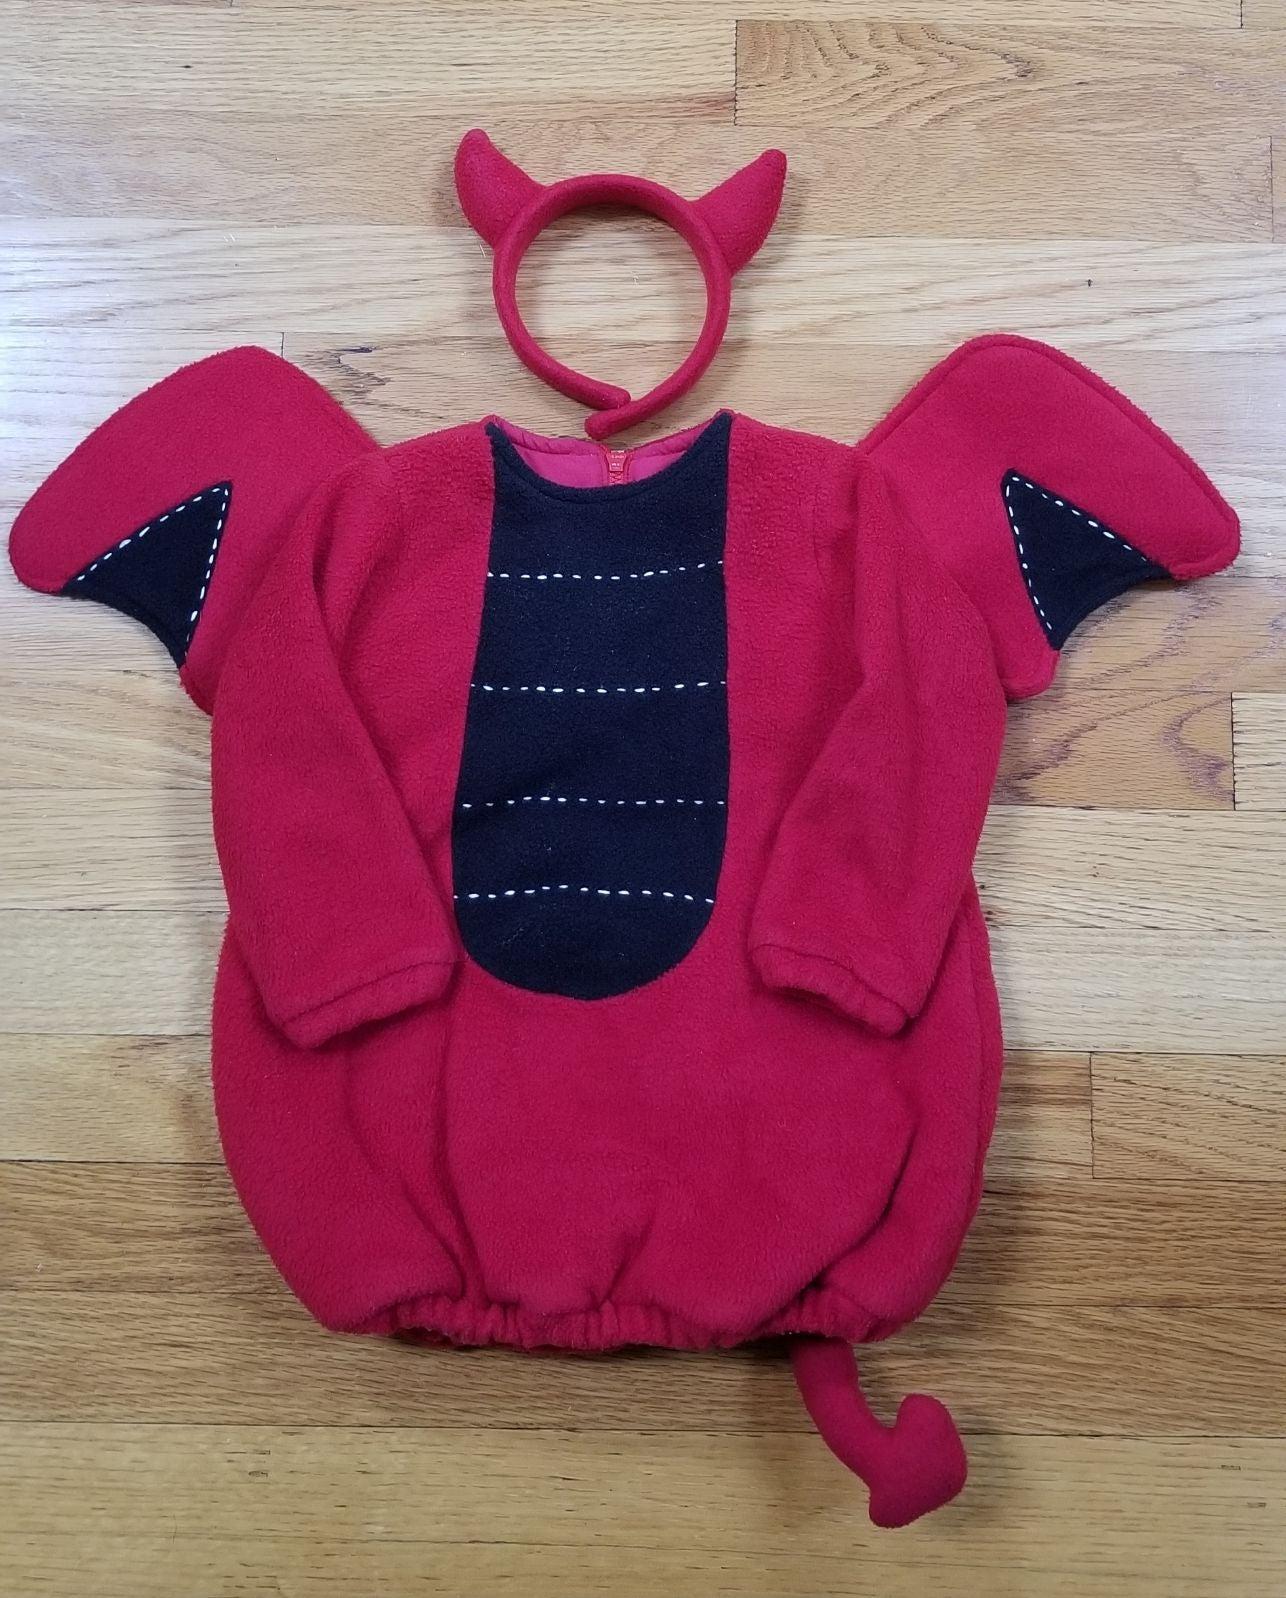 Pottery Barn Toddler Devil Costume